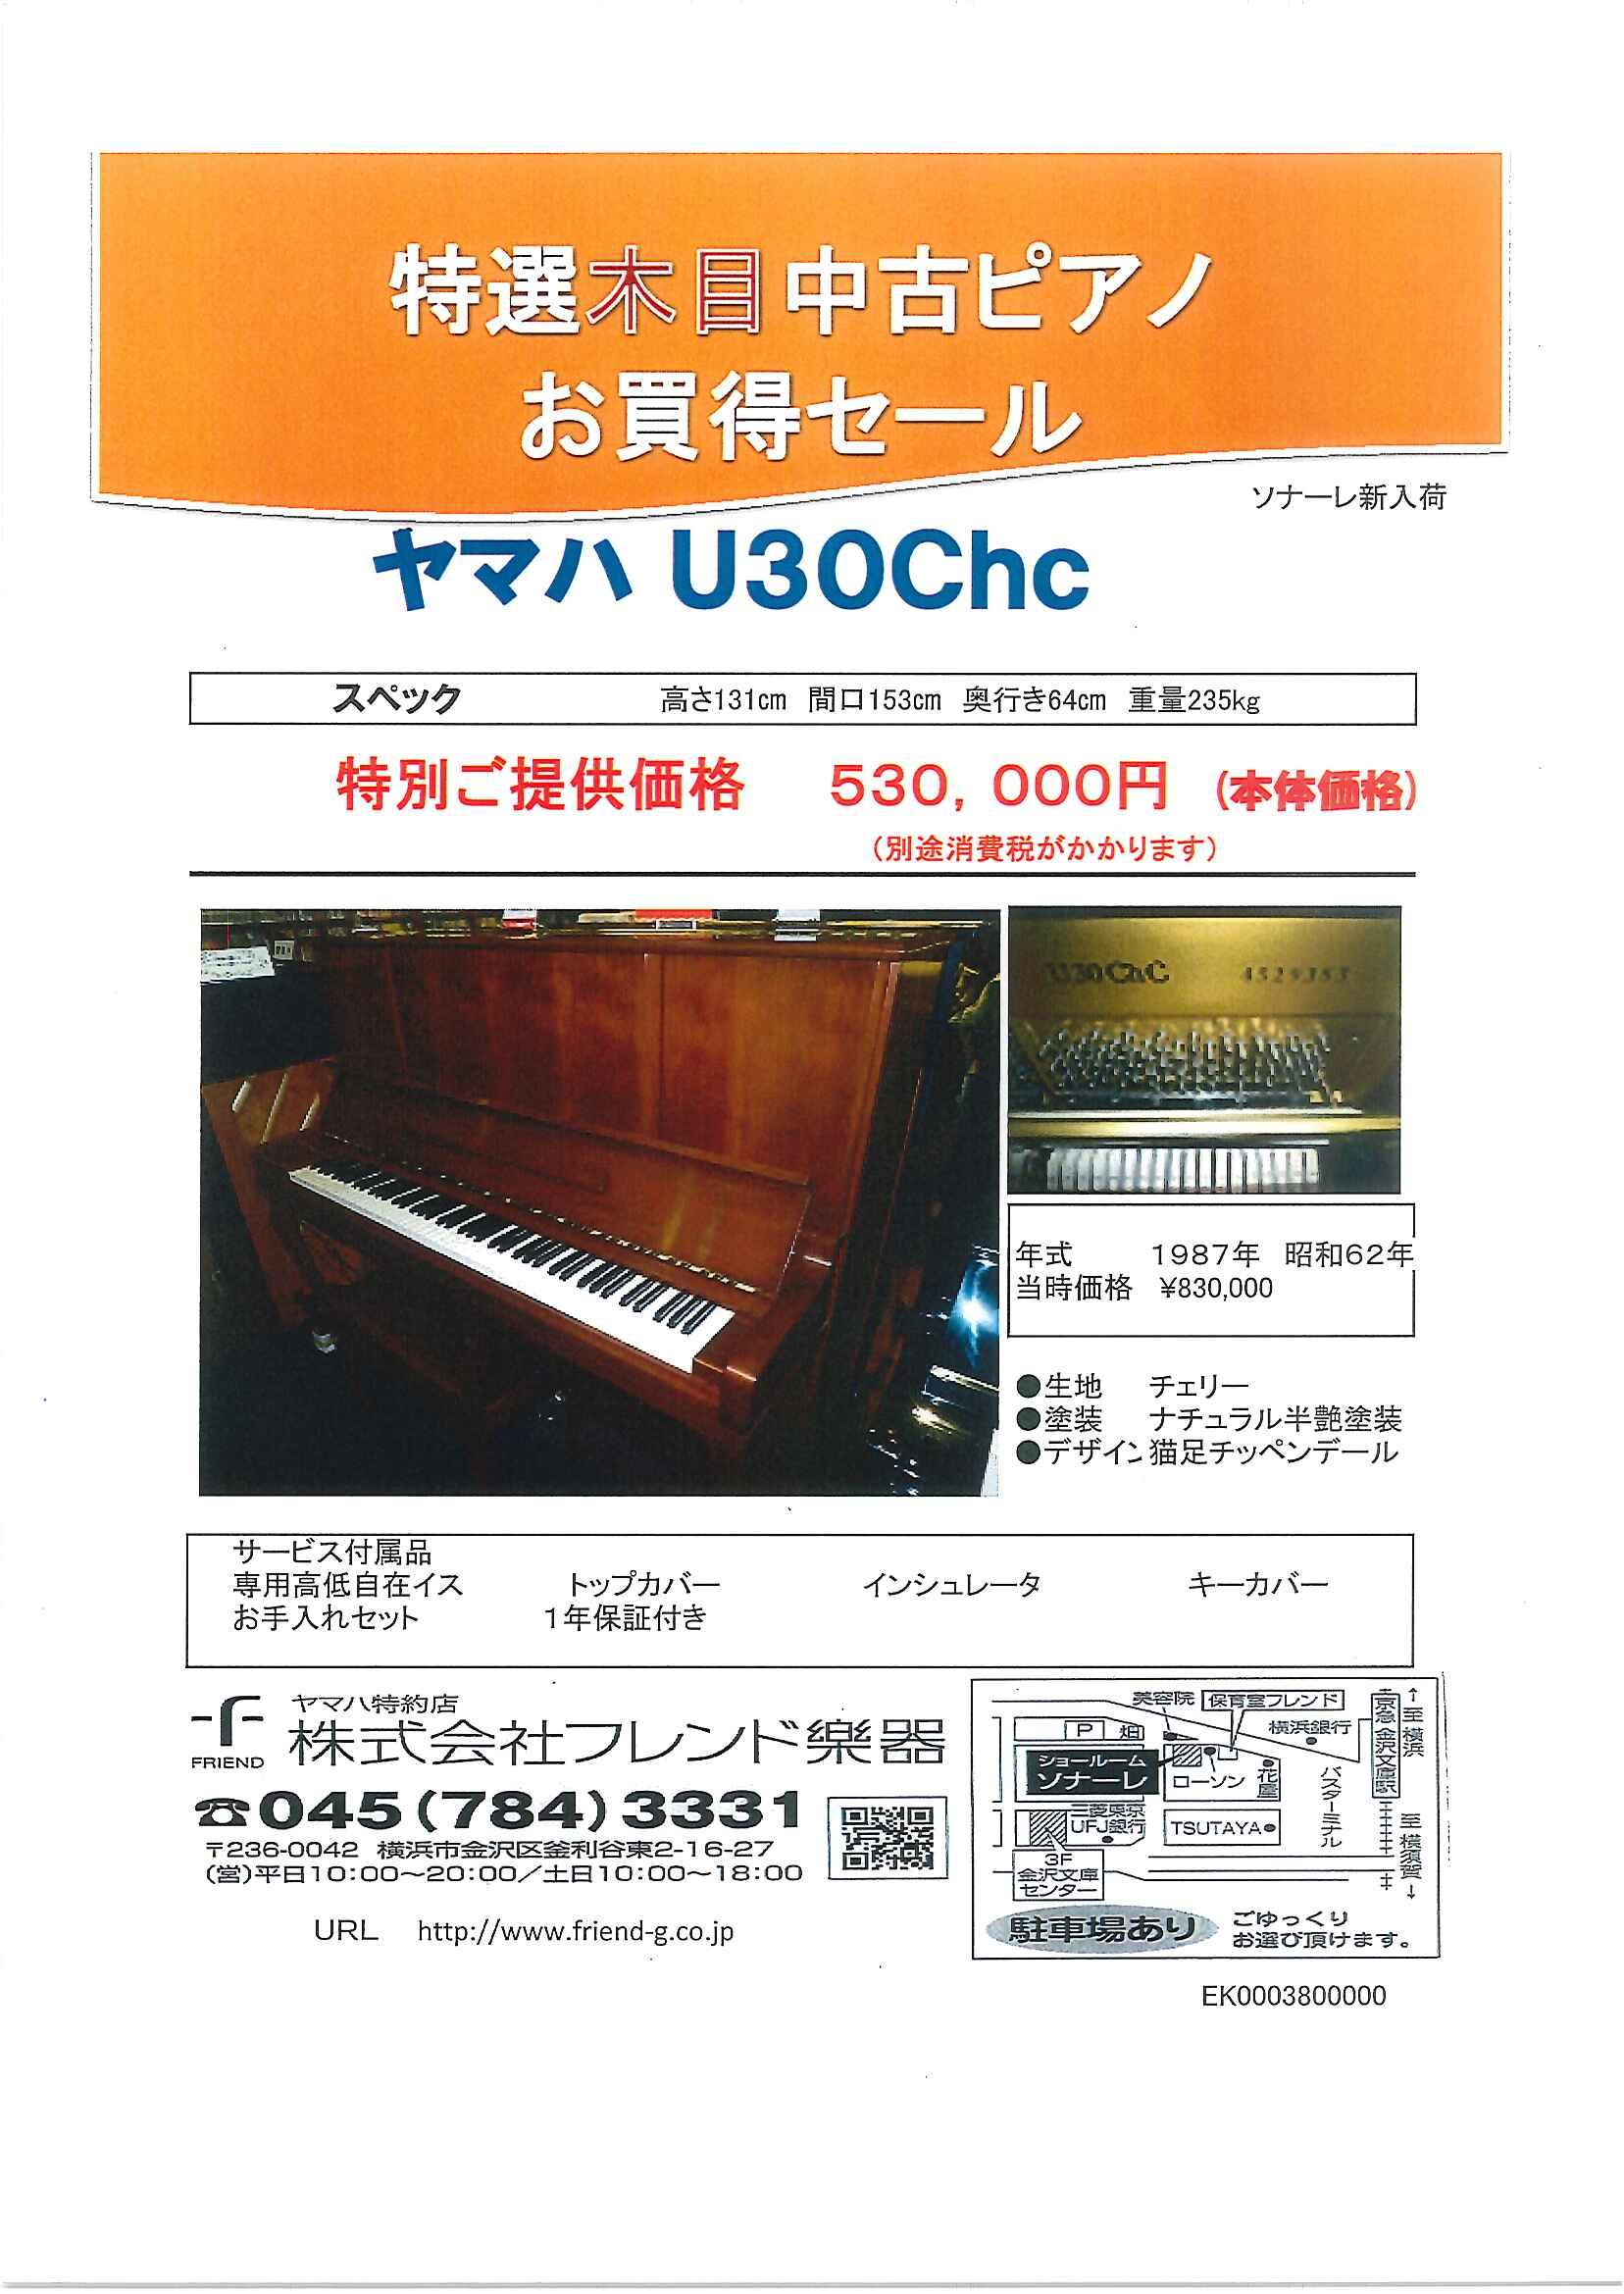 U30Chc